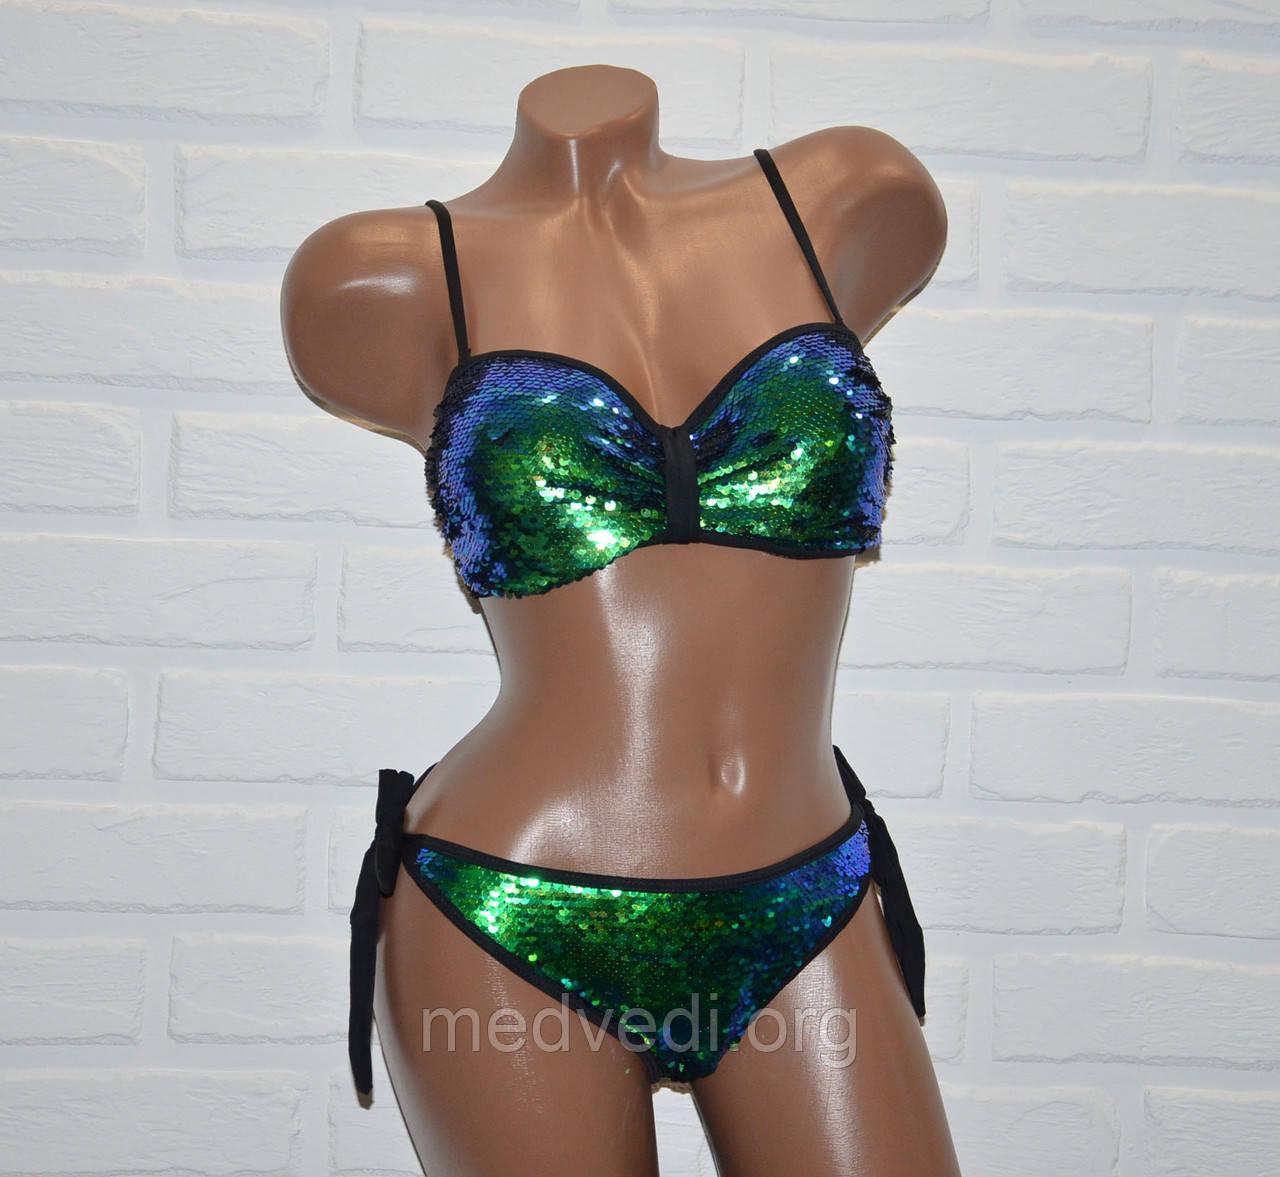 Блестящий купальник с двухсторонней пайеткой, раздельный, бикини, черный, зеленый, размер S, на завязках